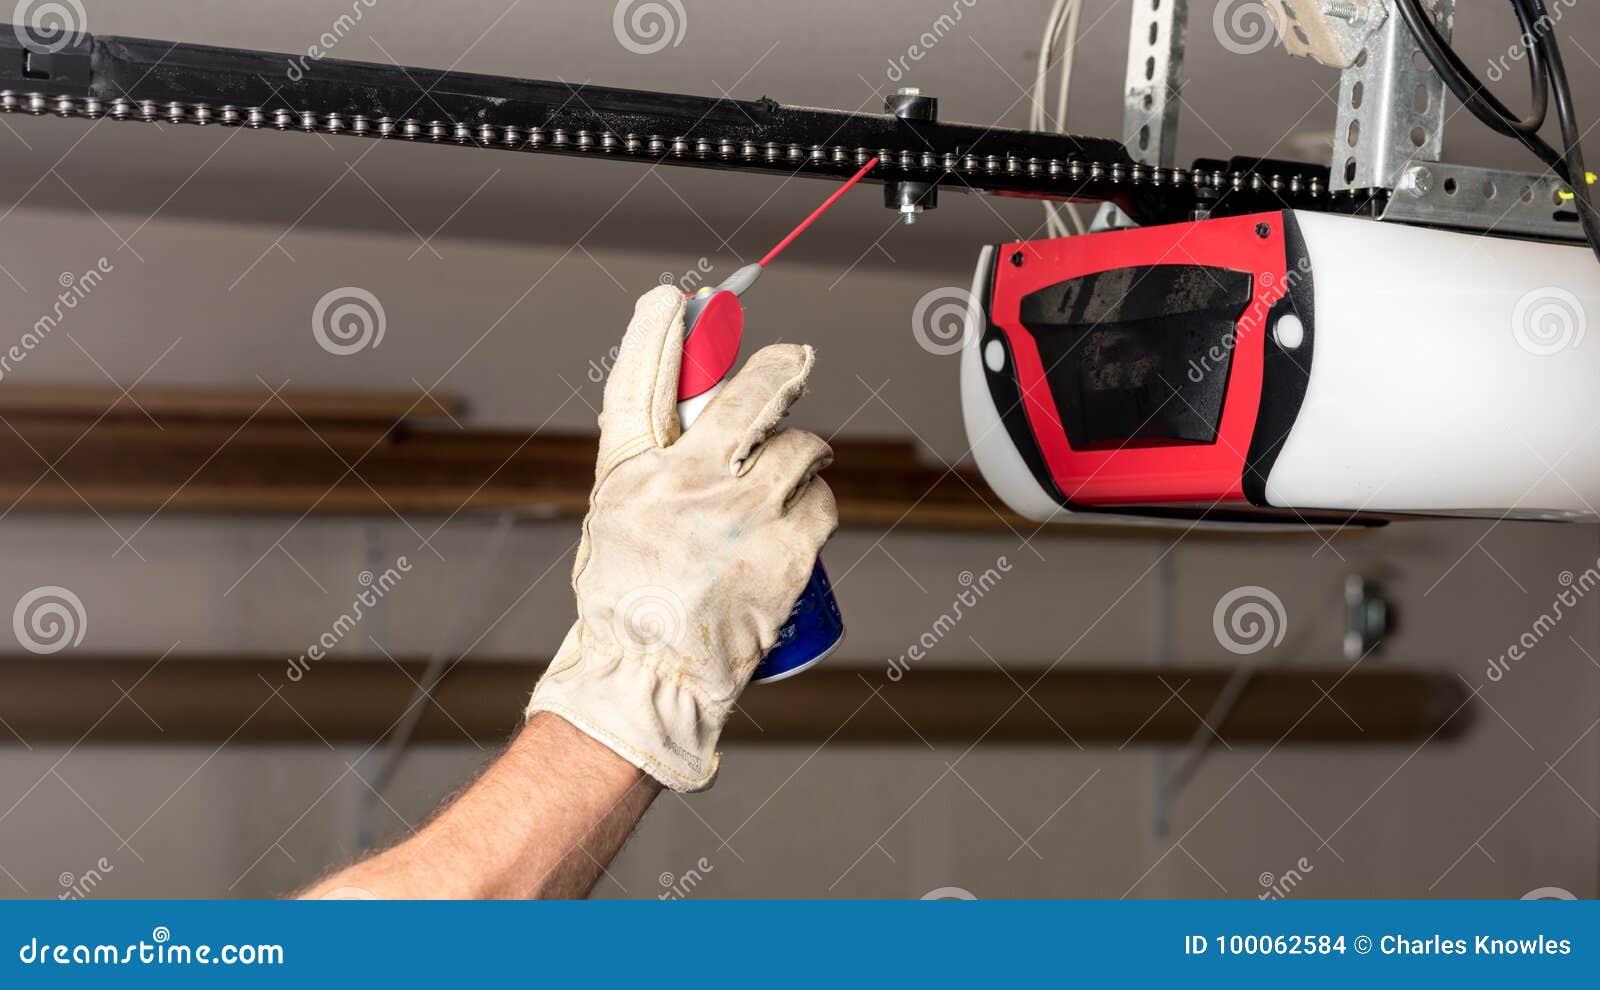 Applying Oil To A Chain Of A Garage Door Opener Stock